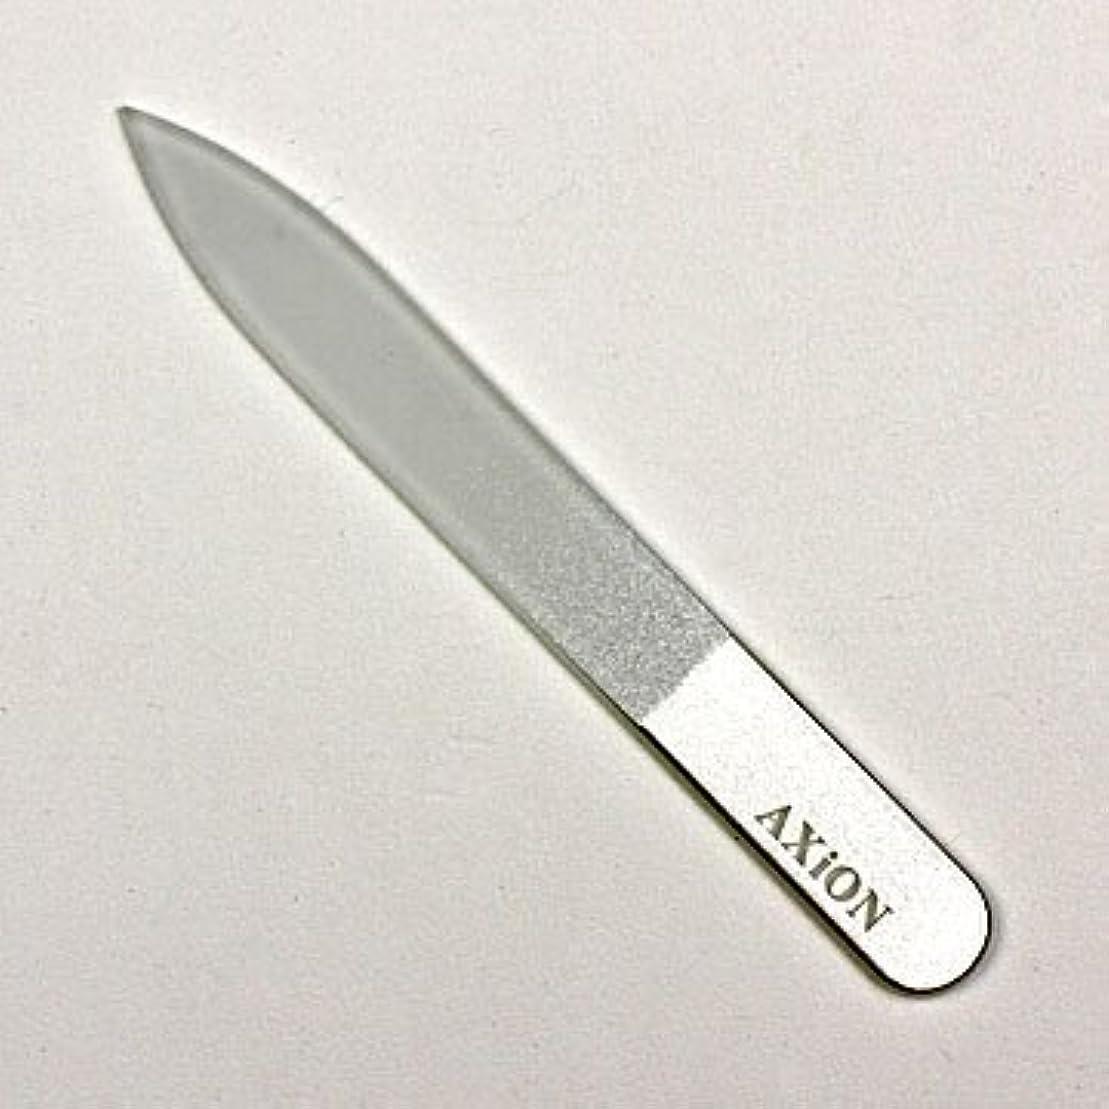 アレンジリレー毎日チェコ製 AXiON(アクシオン)ガラス製爪ヤスリ(シルバー)両面タイプ #slg009565fba